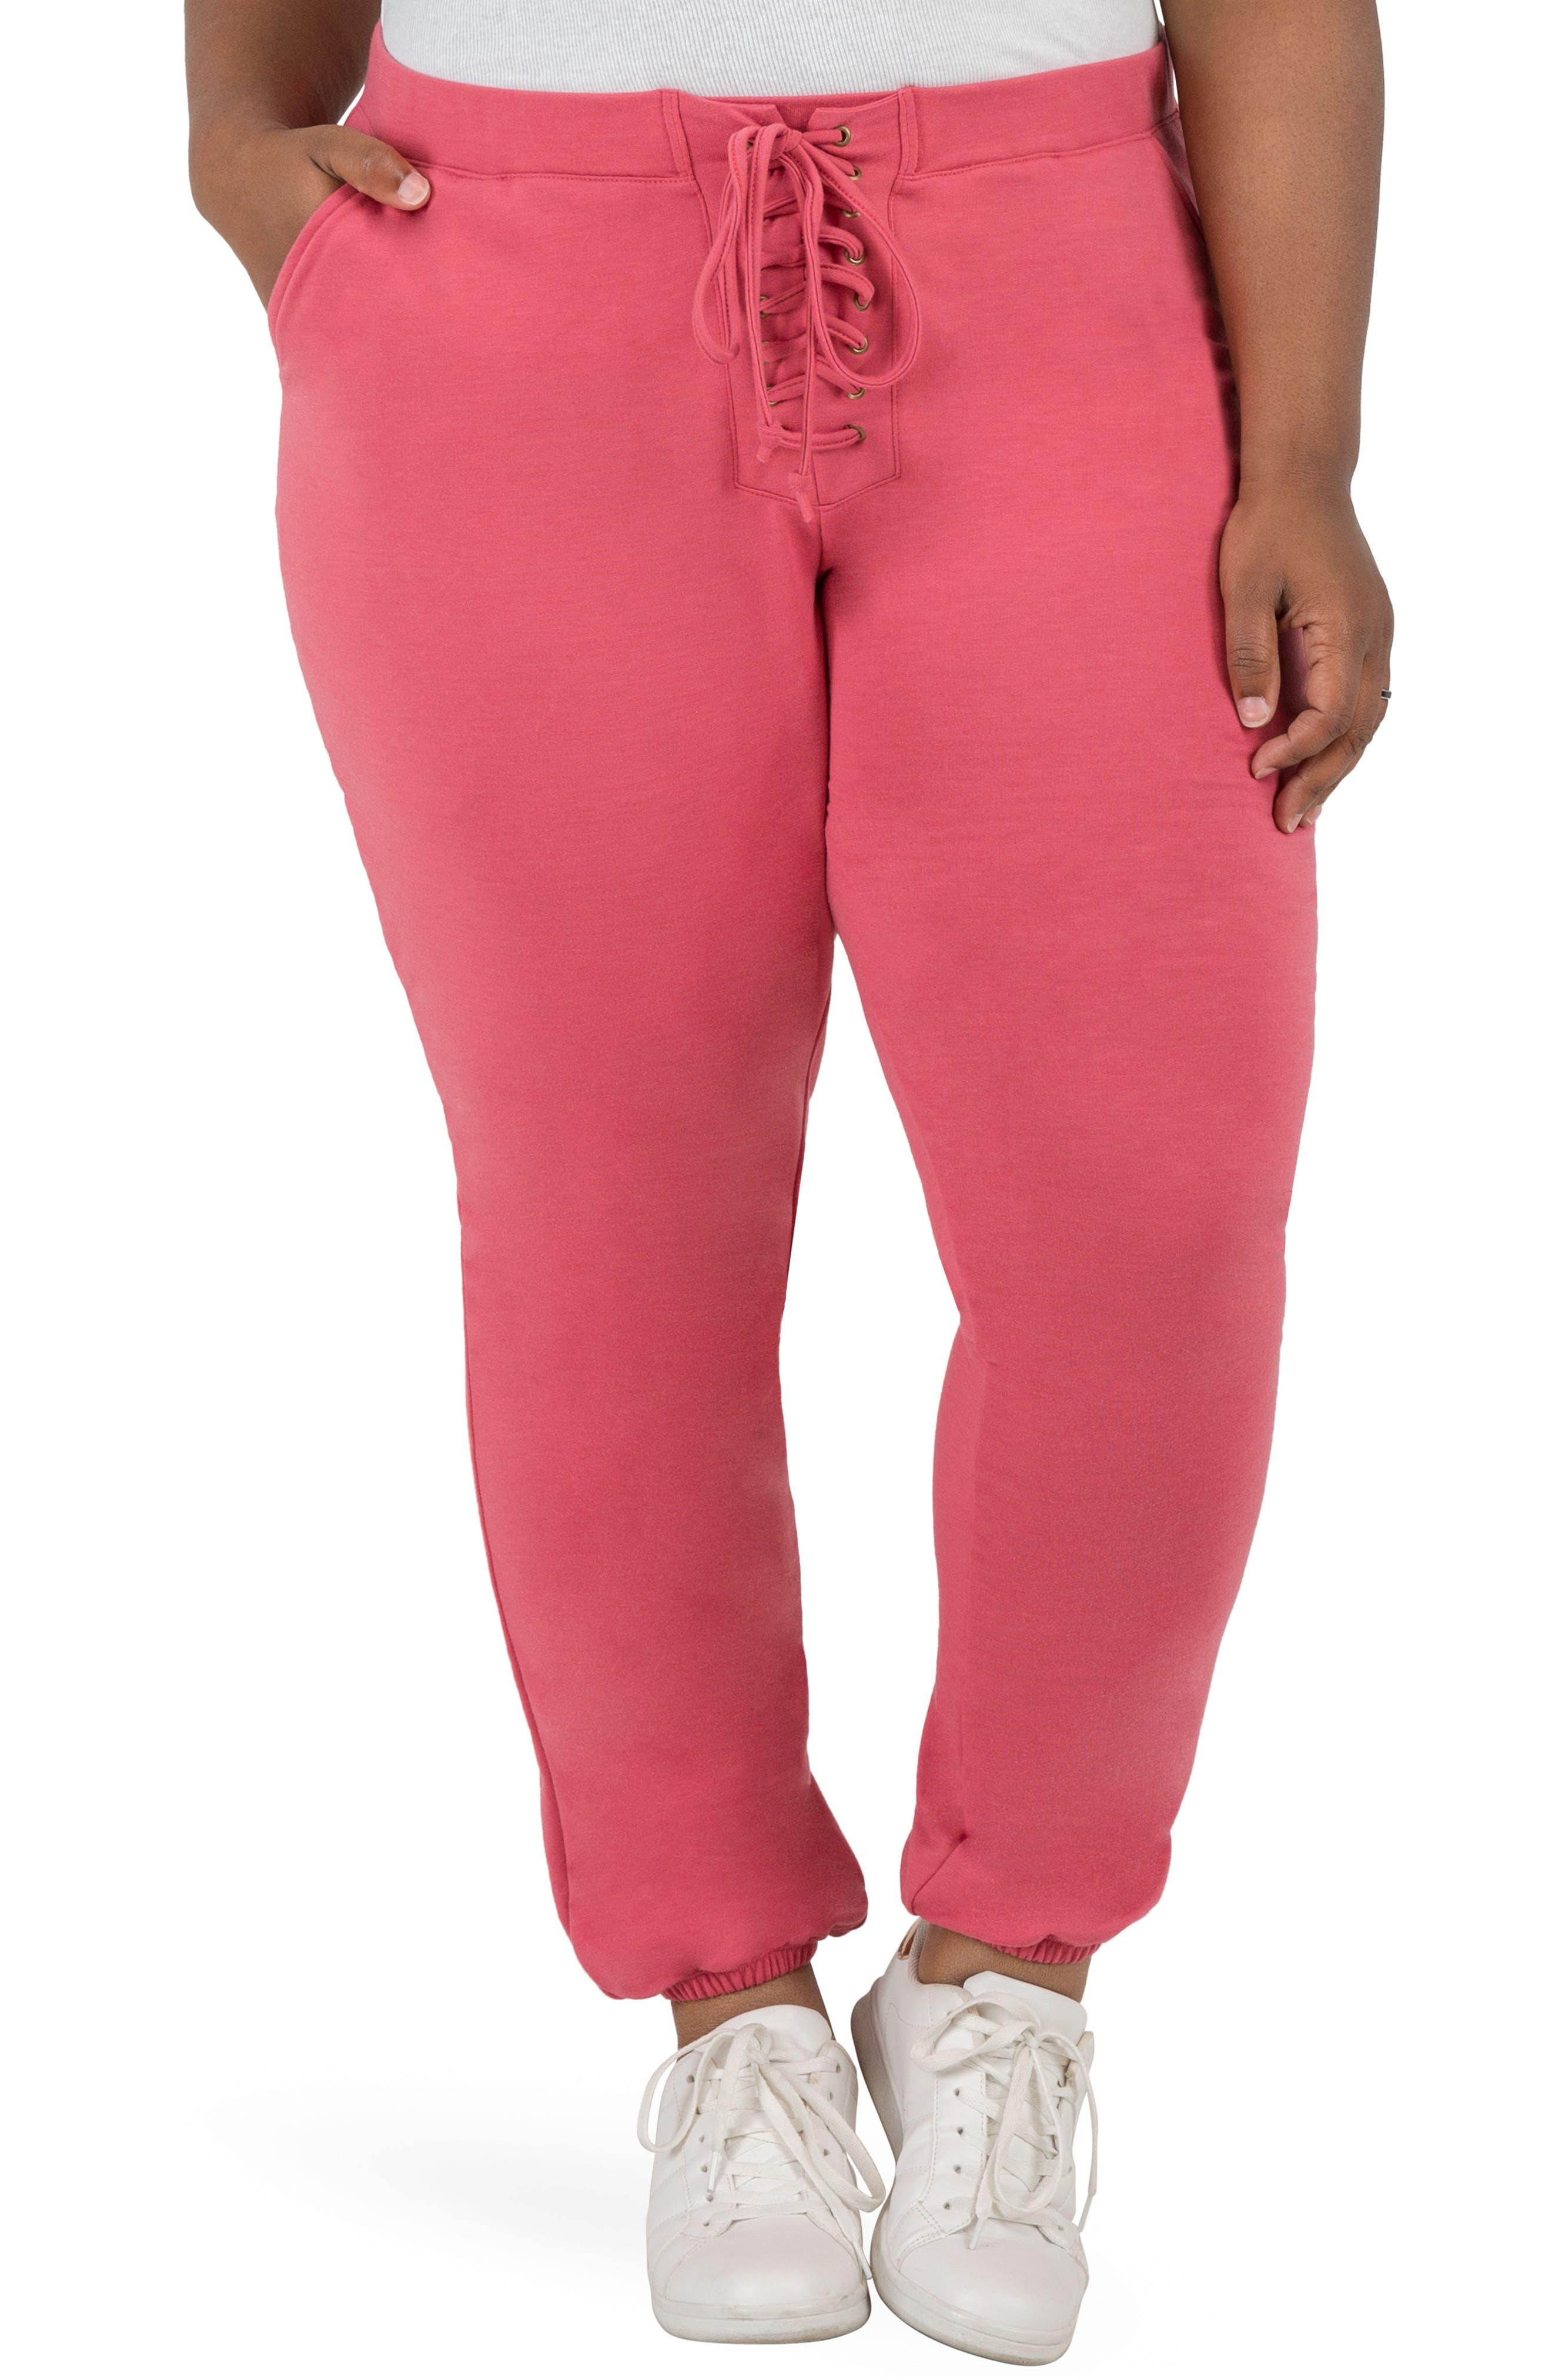 Nikki Sweatpants,                         Main,                         color, Deep Rose Pink